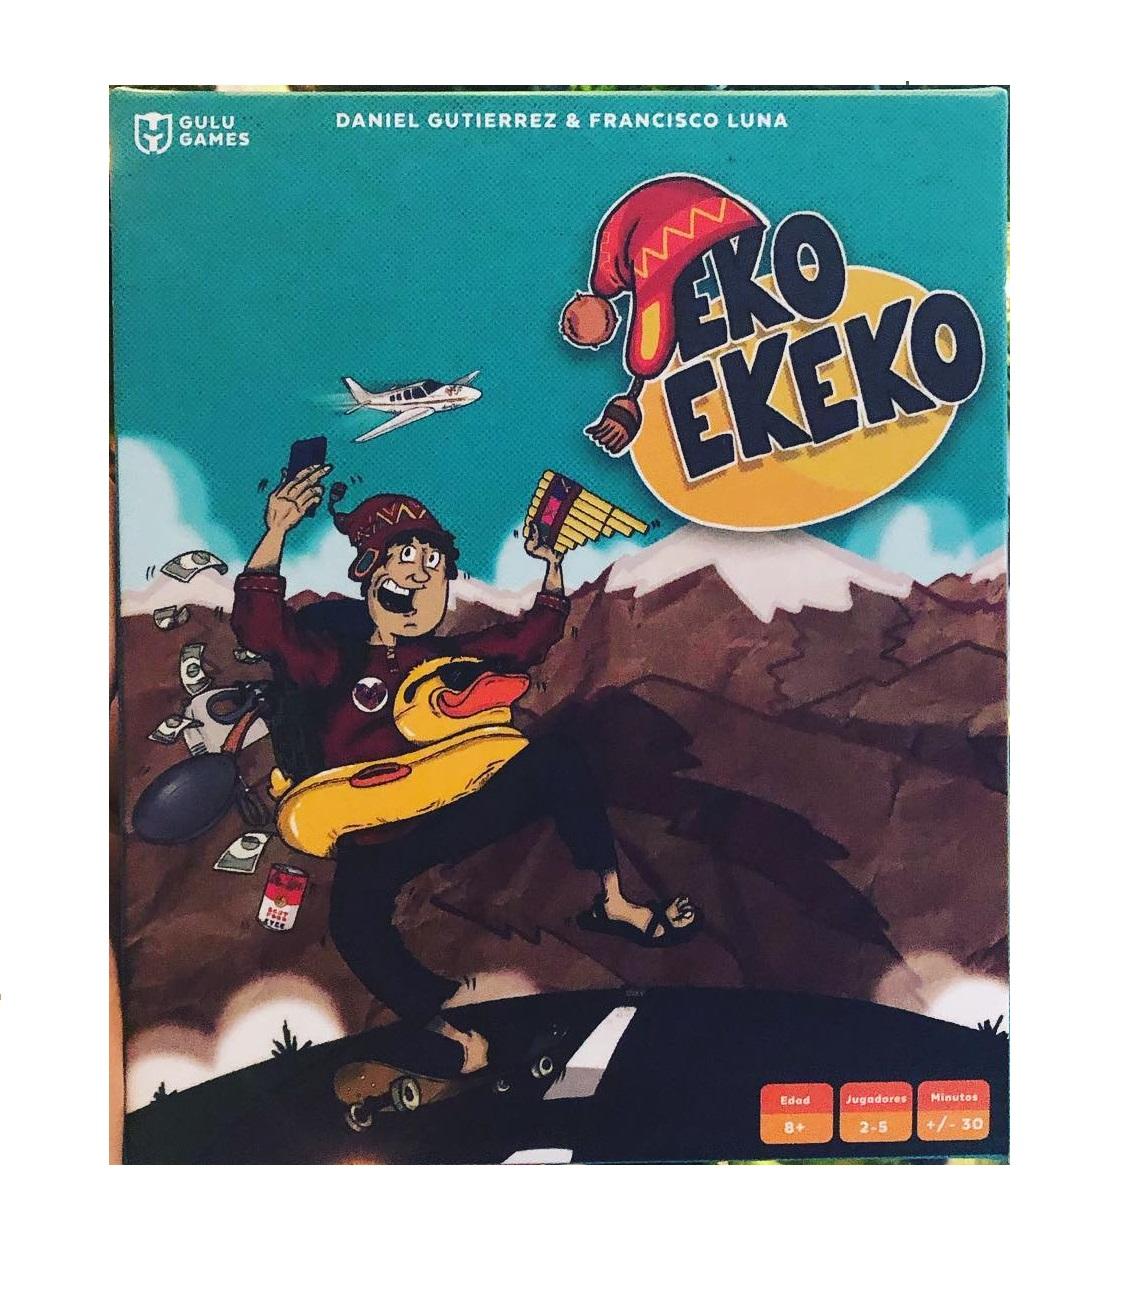 Eko Ekeko